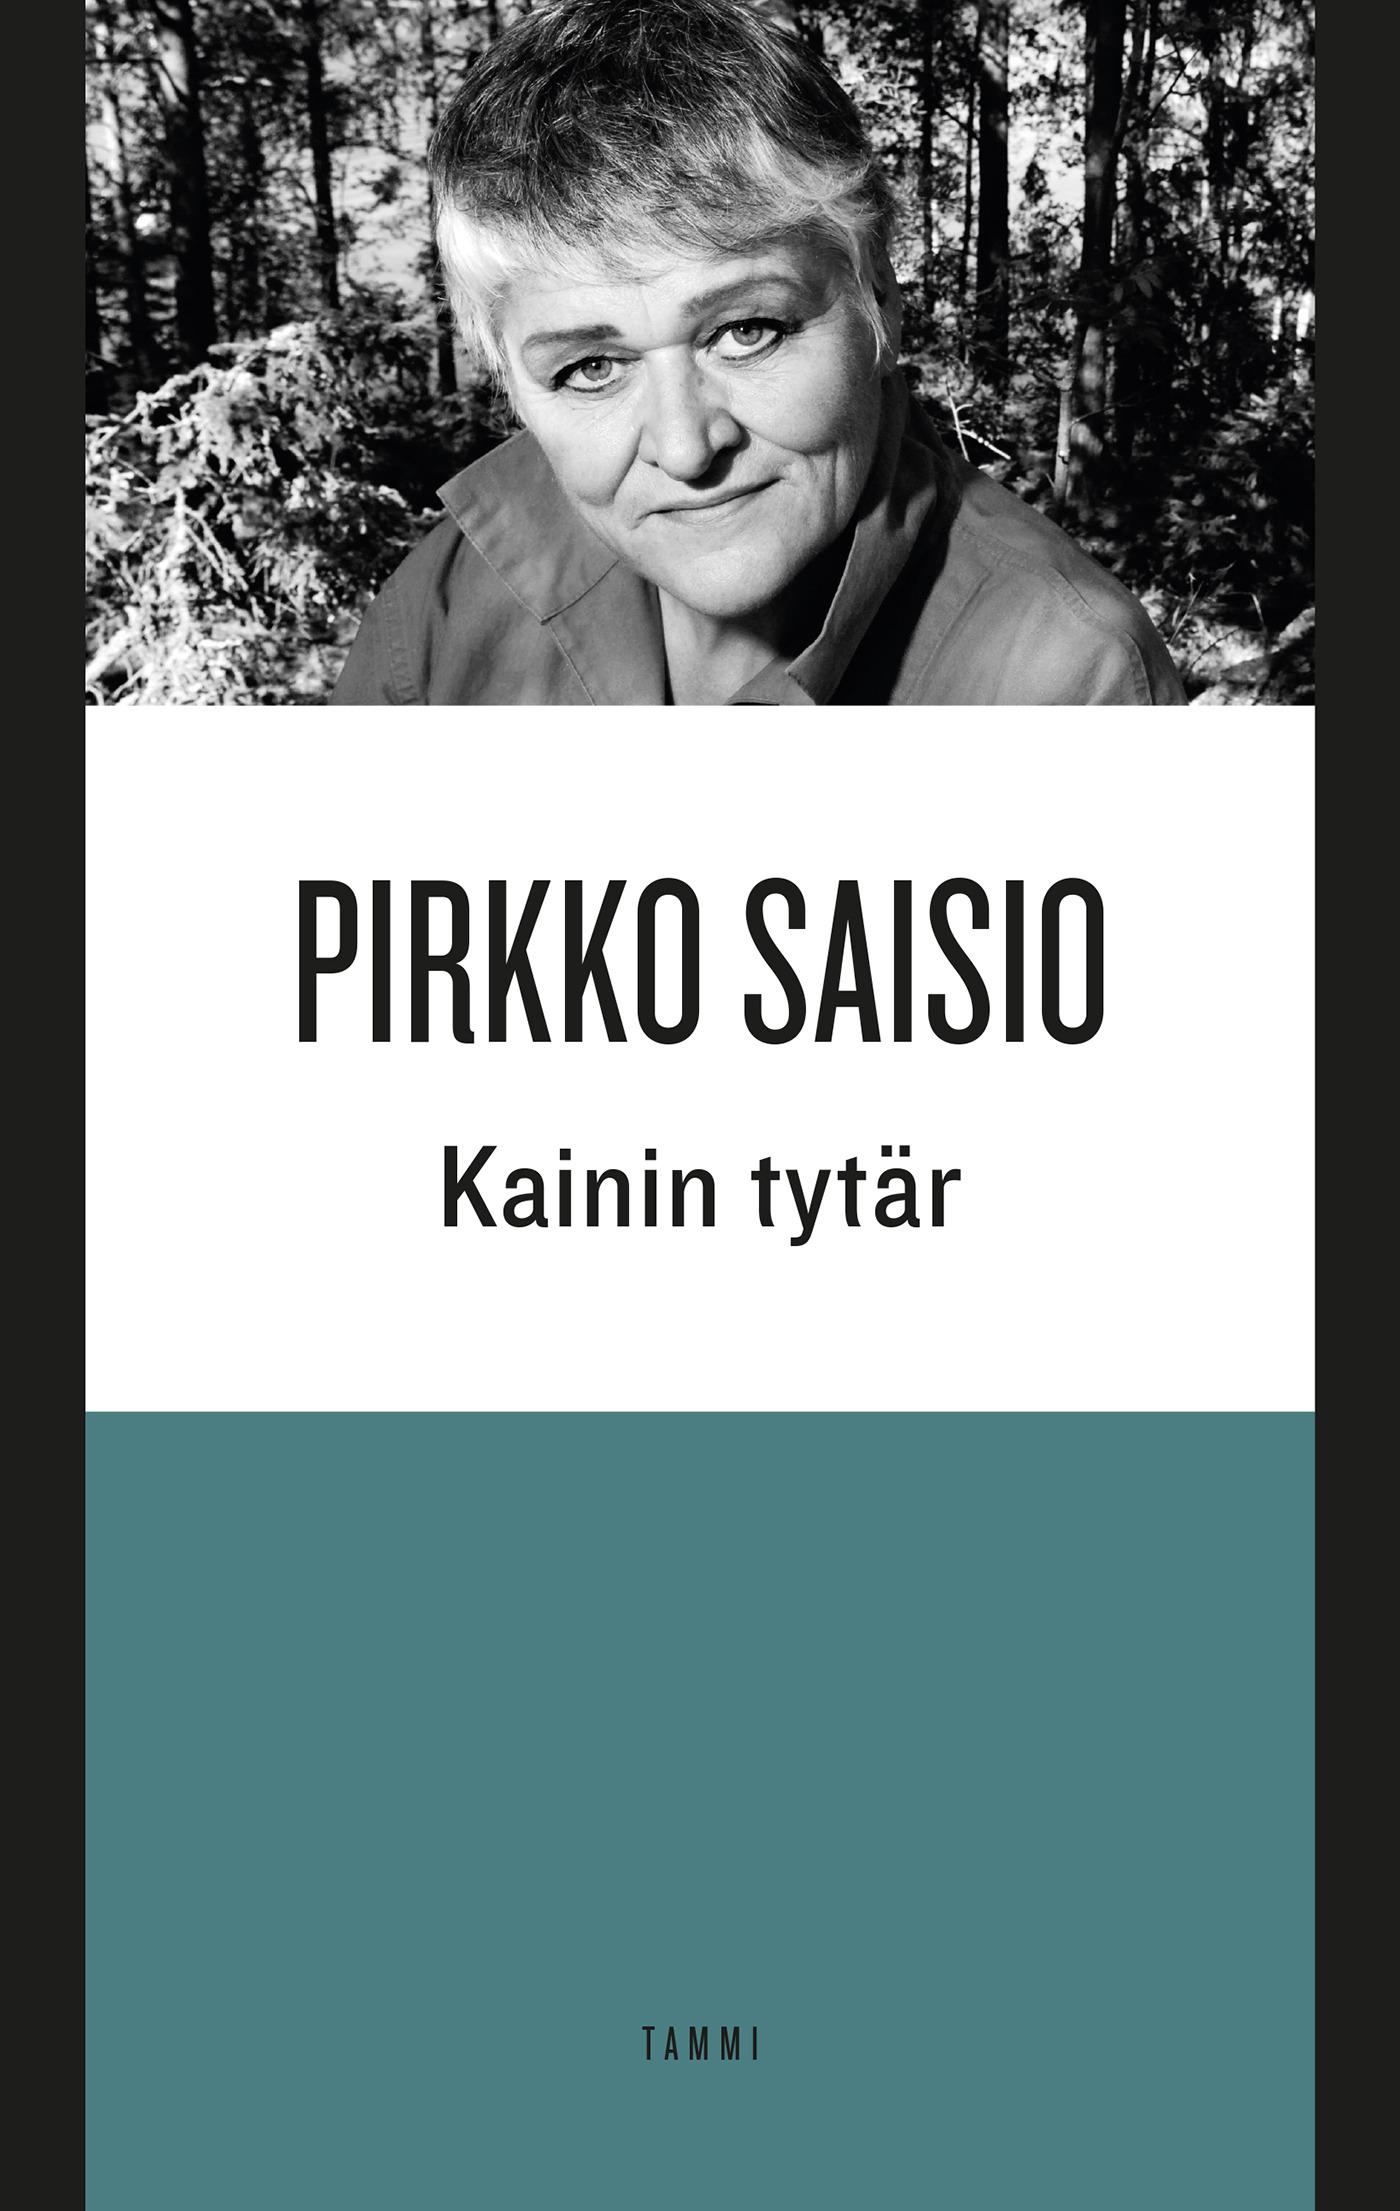 Saisio, Pirkko - Kainin tytär, ebook